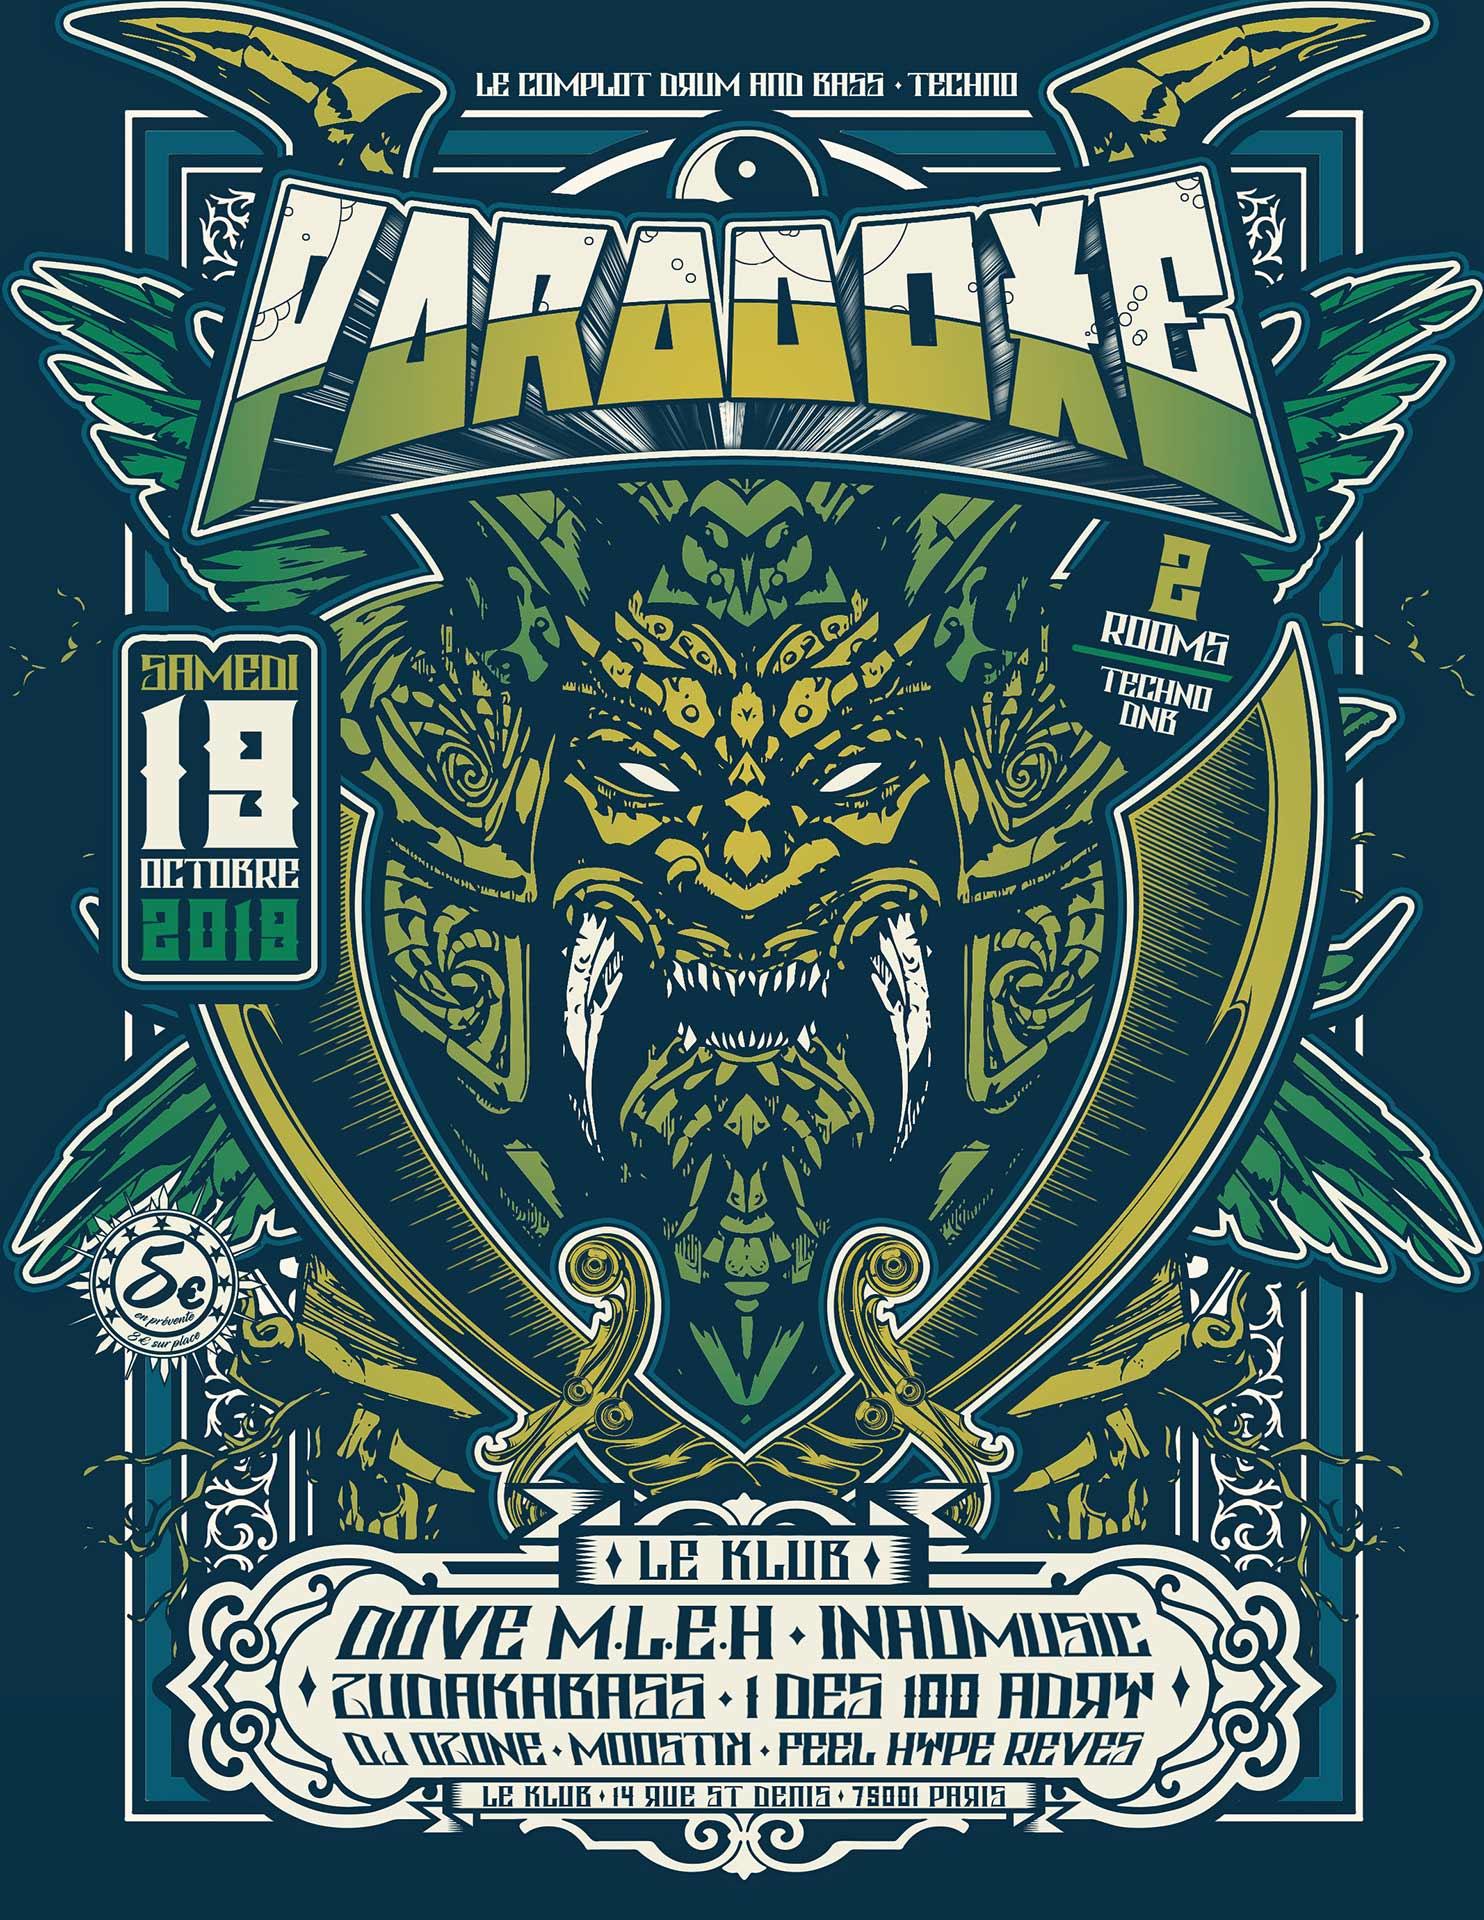 PARADOXE // 19.10